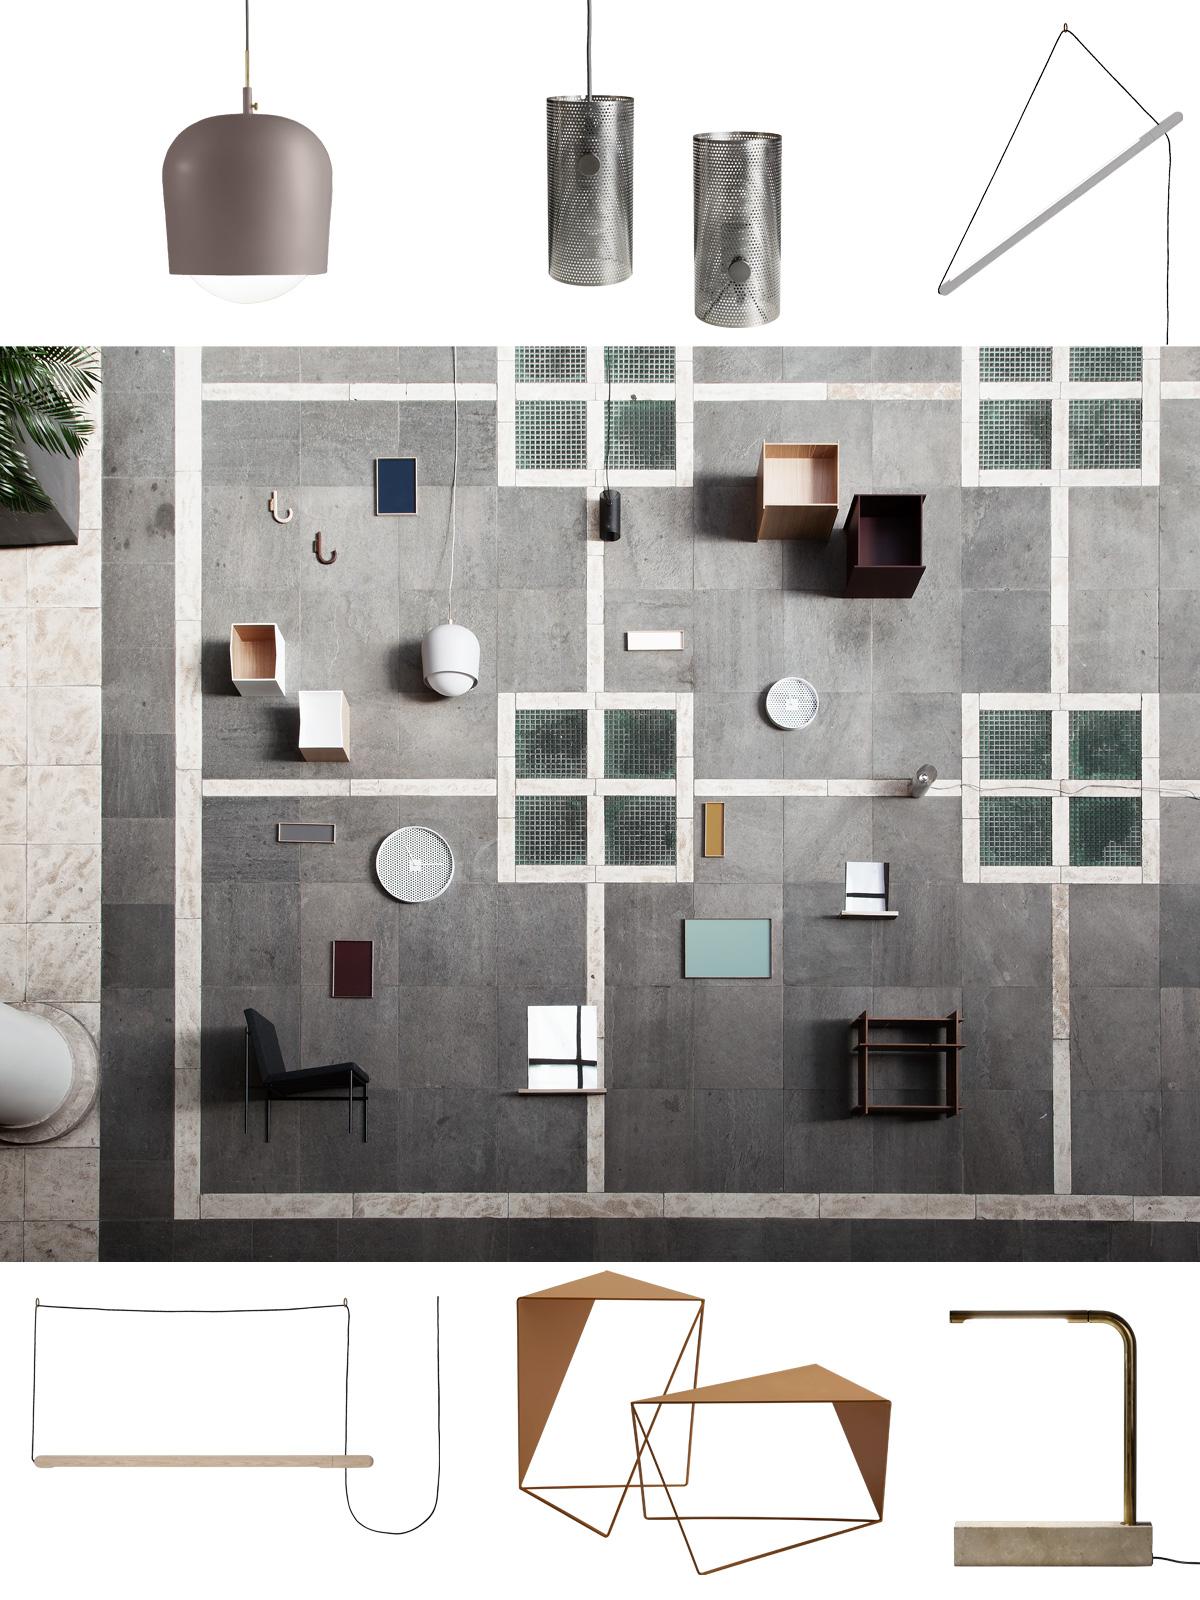 DesignOrt Blog: Die Designwelt von MUNK collective